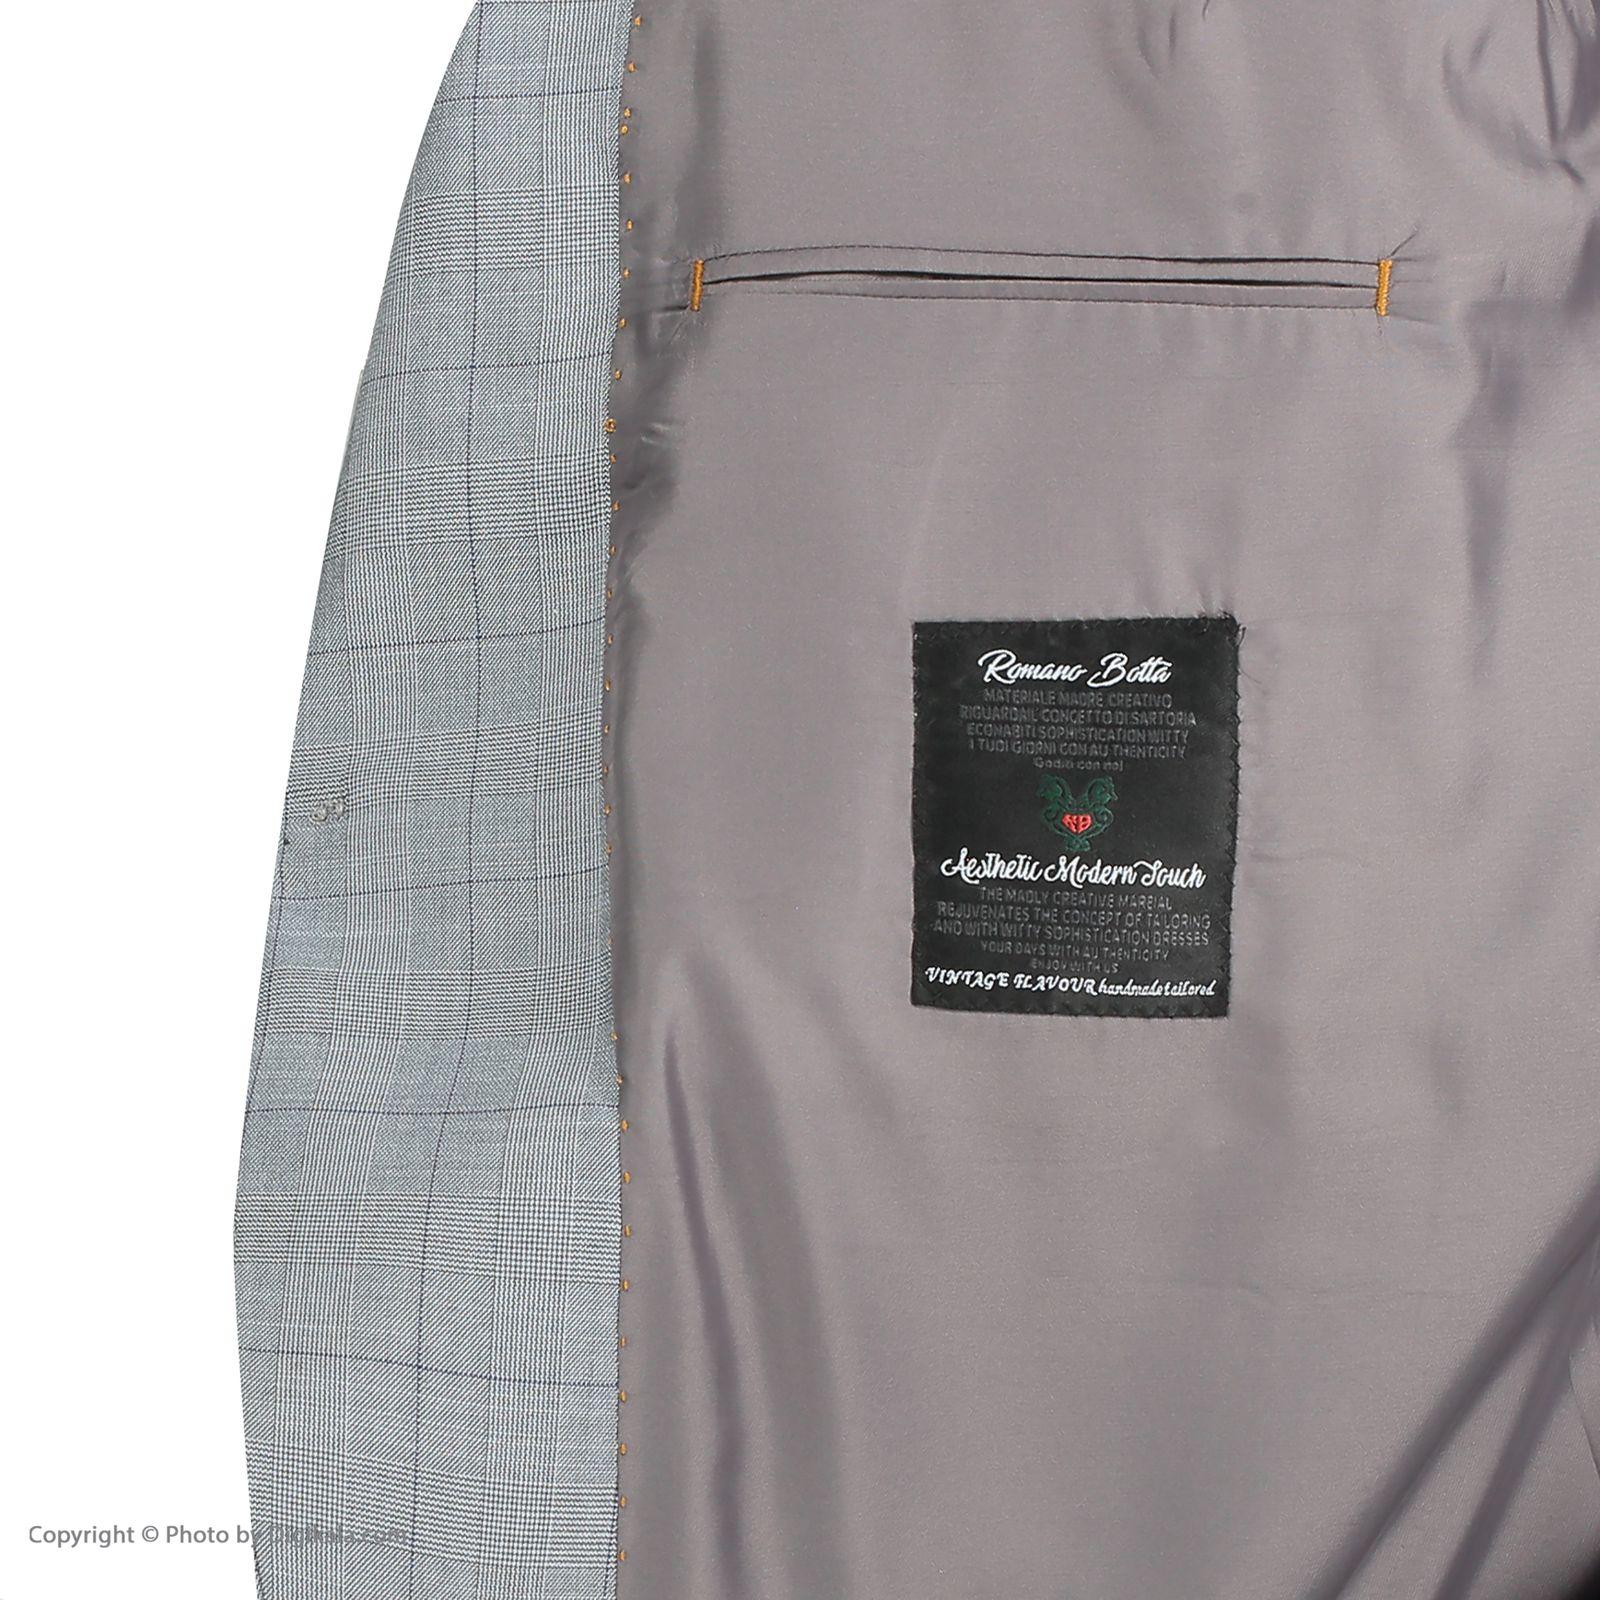 کت تک مردانه رومانو بوتا مدل a3 -  - 6